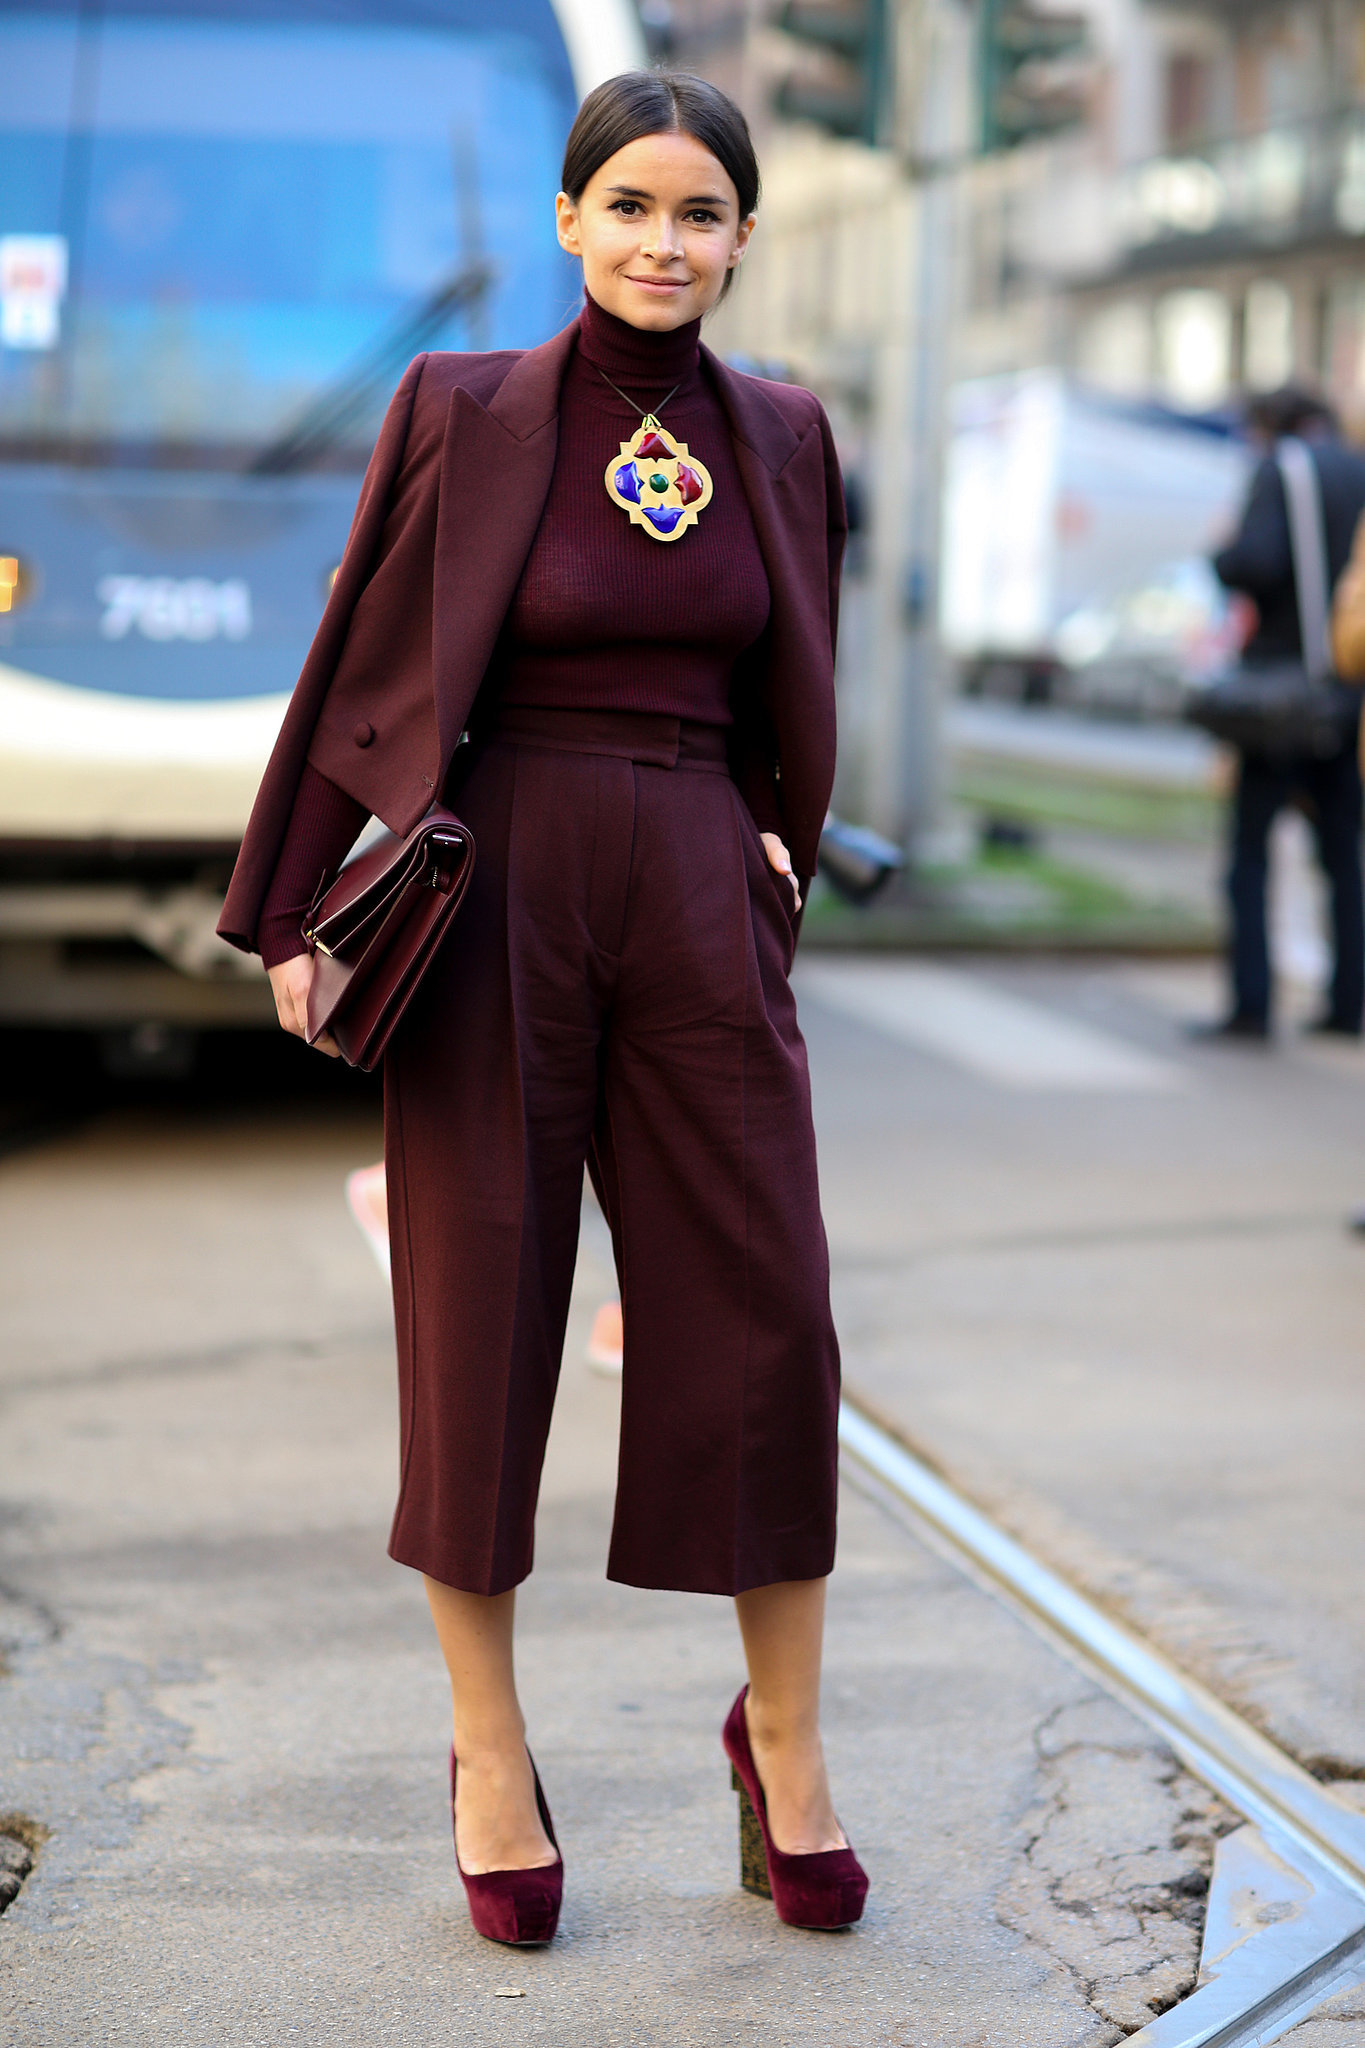 Монохромные наряды - брючный костюм коричневого цвета.